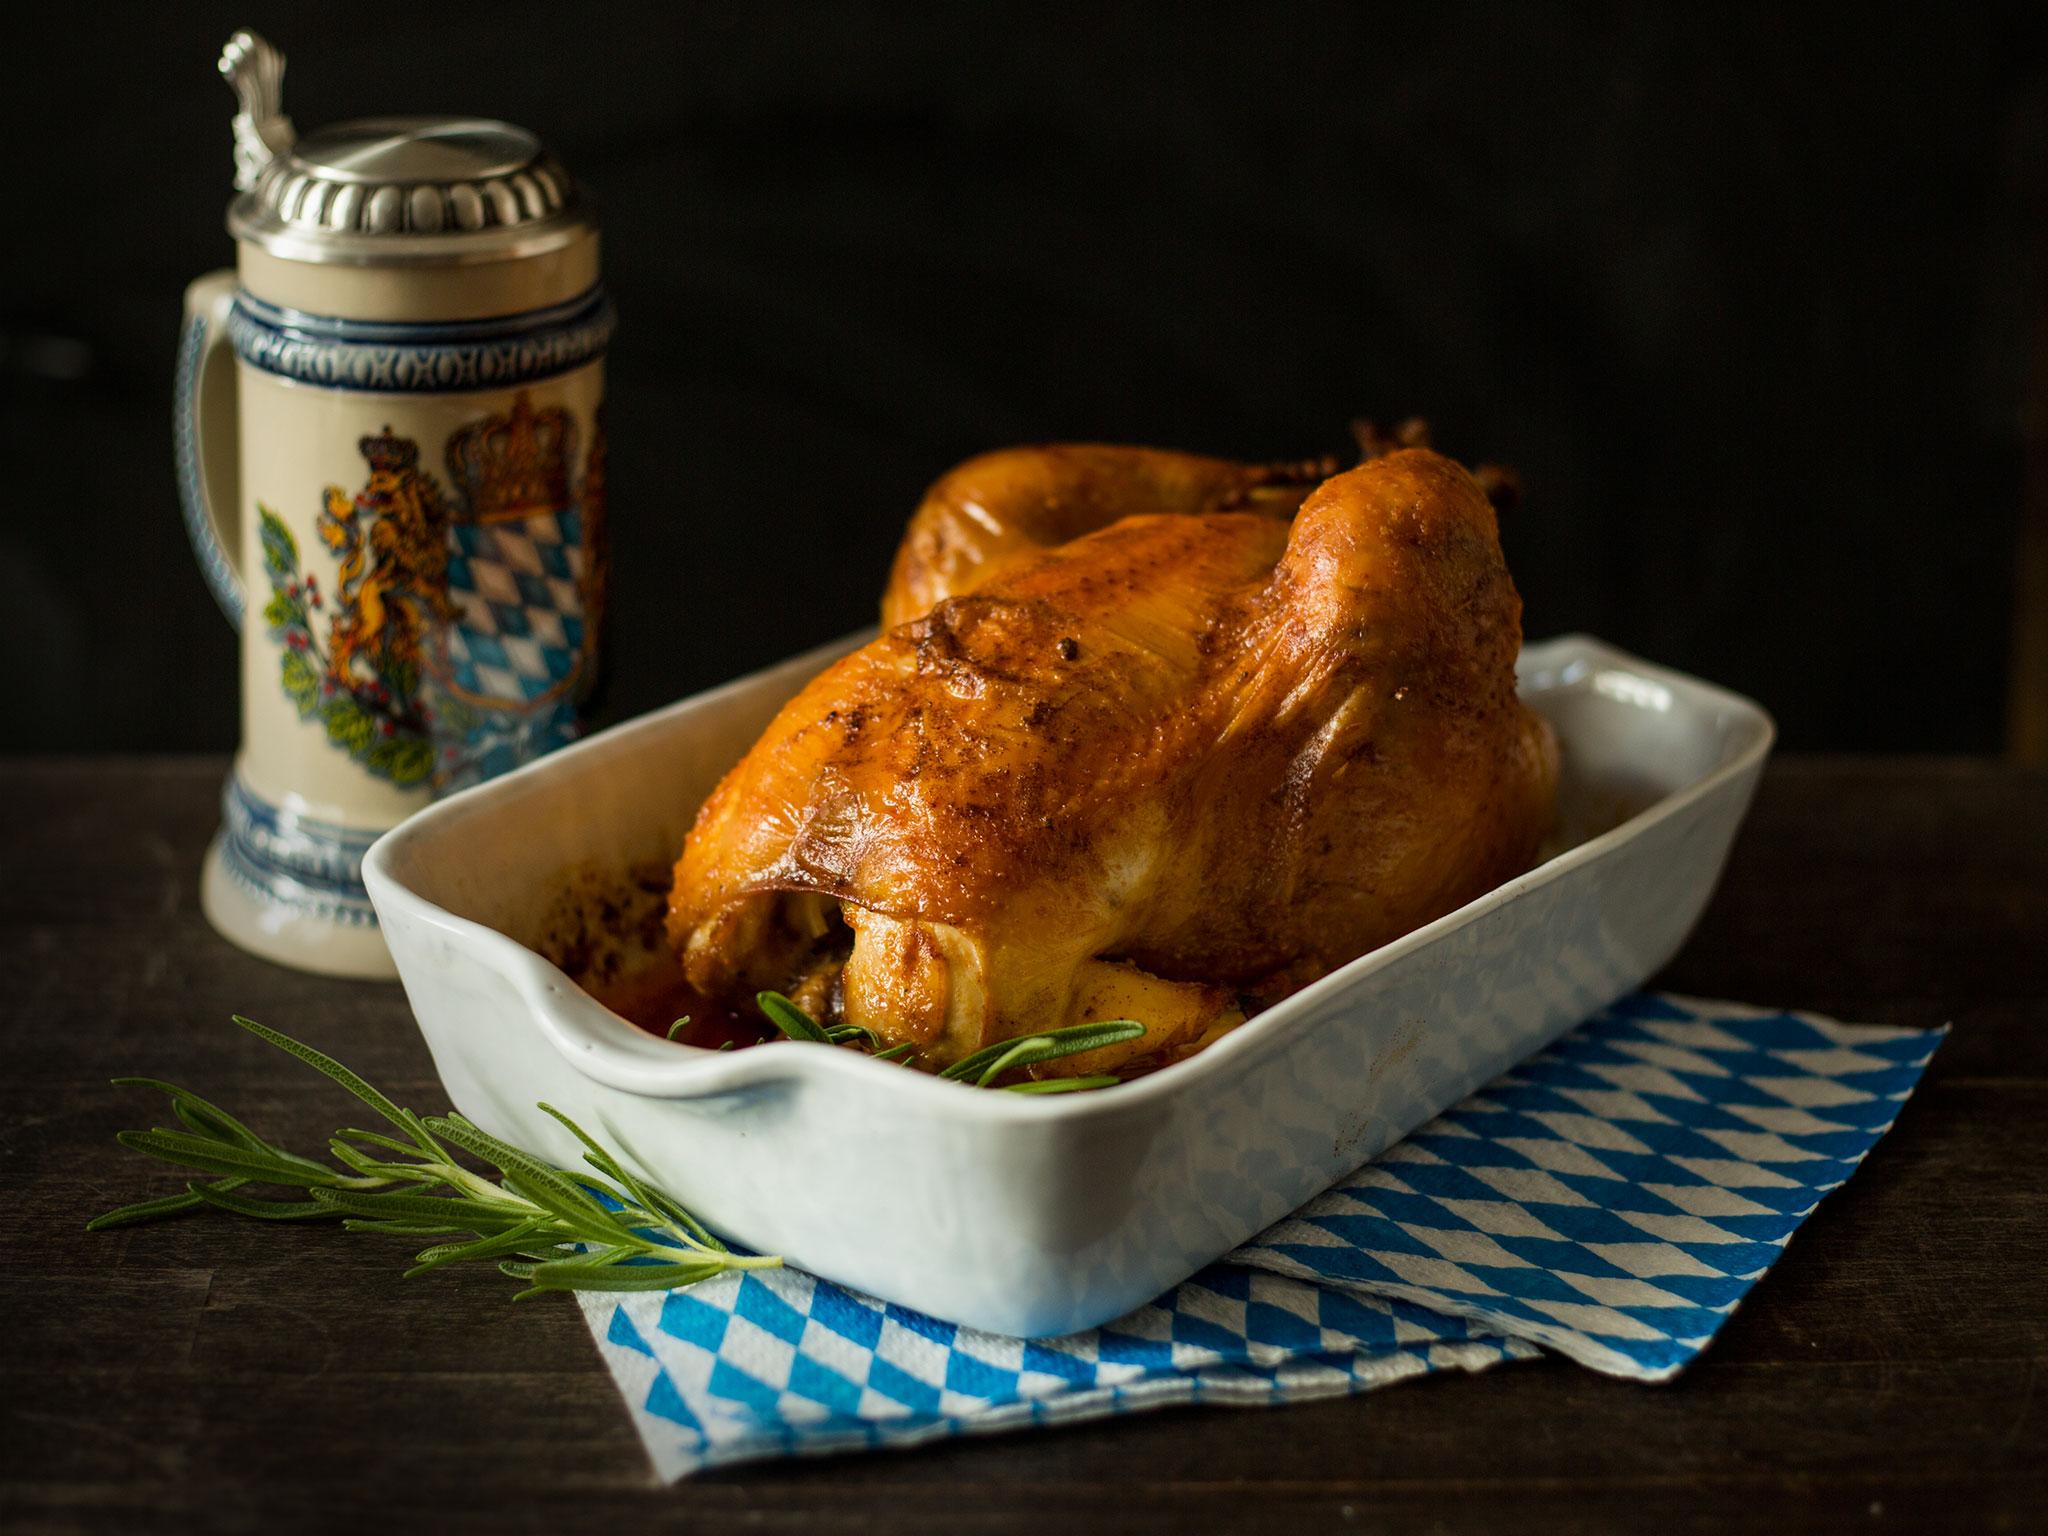 Bavarian roast chicken - Recipes - Kitchen Stories